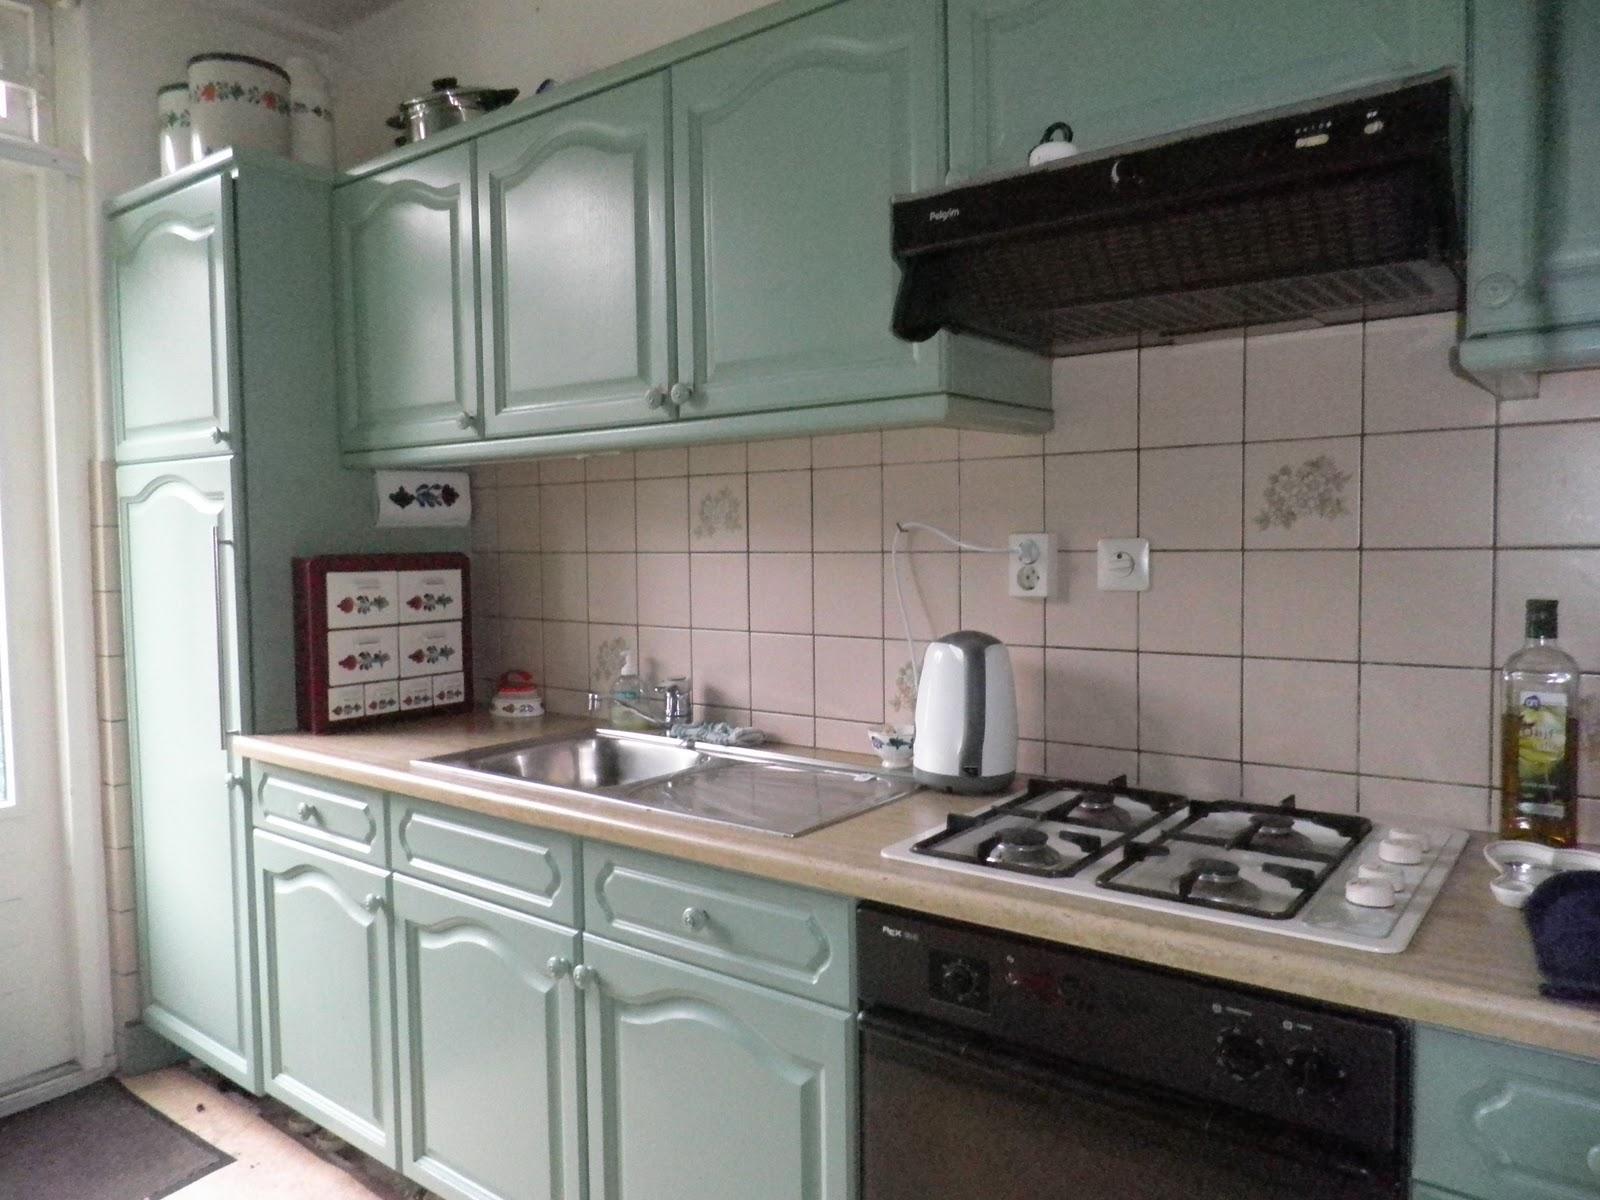 Bolusjes huis en honden november 2010 - Keuken in het oude huis ...